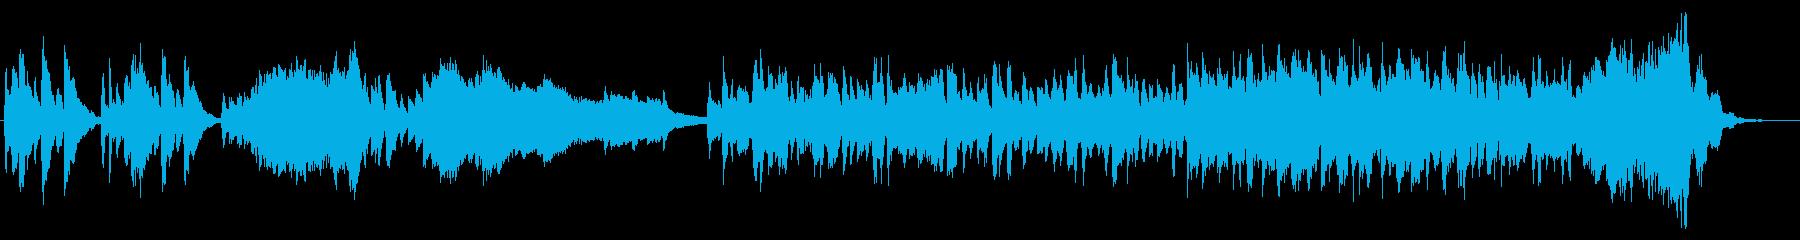 弦楽器とピアノの軽快な室内楽の再生済みの波形